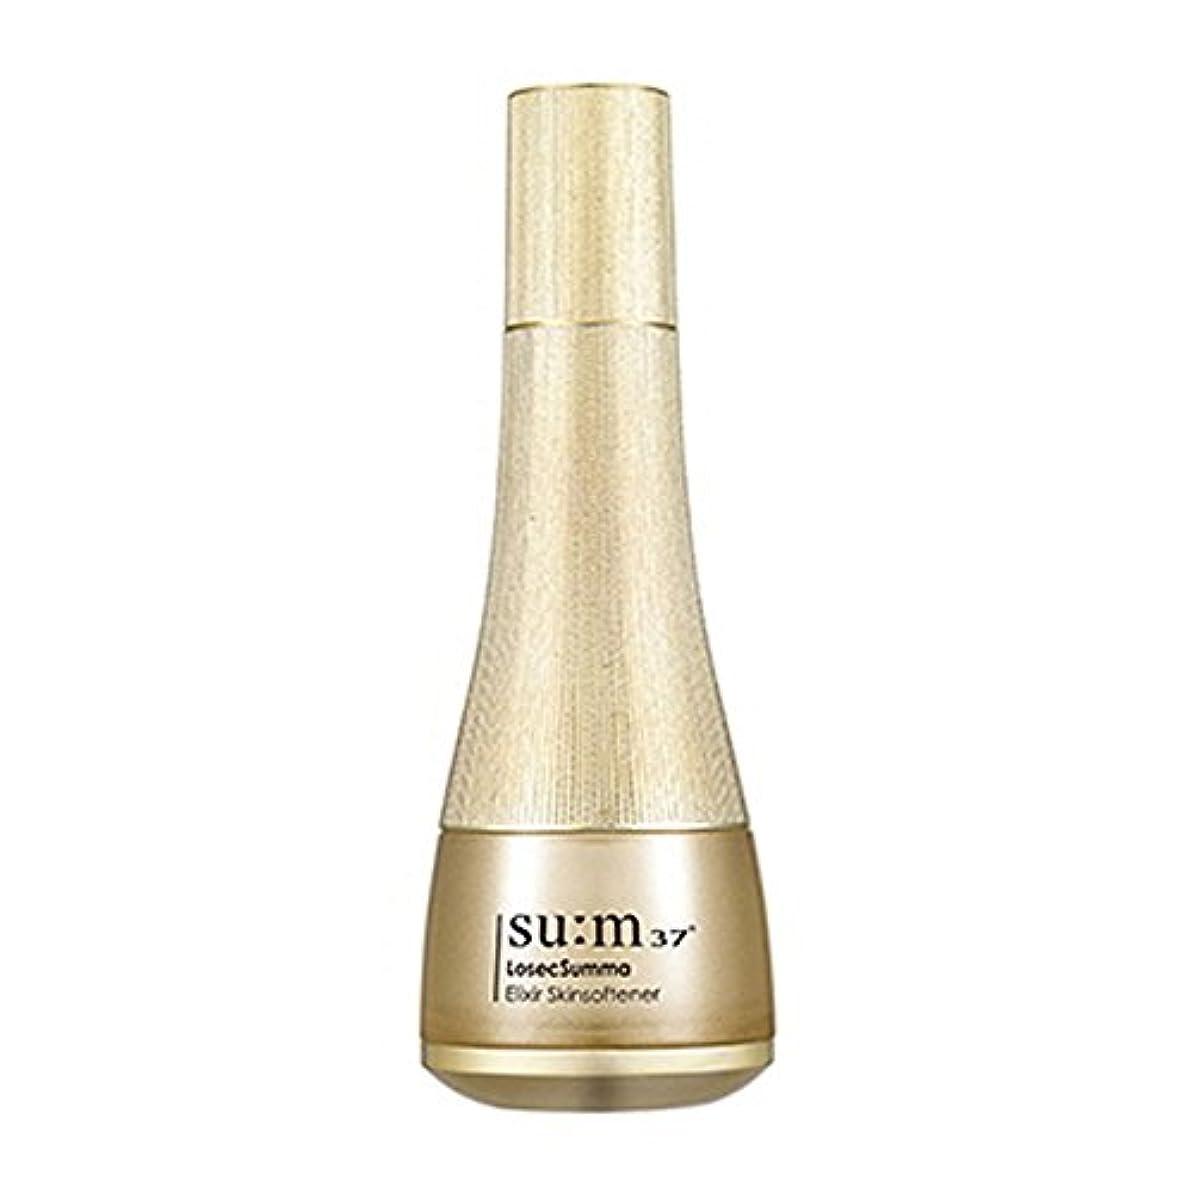 窒素ニックネーム収束[スム37º] Sum37º ロッシク スムマ エリクサー スキンソフナー  LosecSumma Elixir Skinsoftner (海外直送品) [並行輸入品]